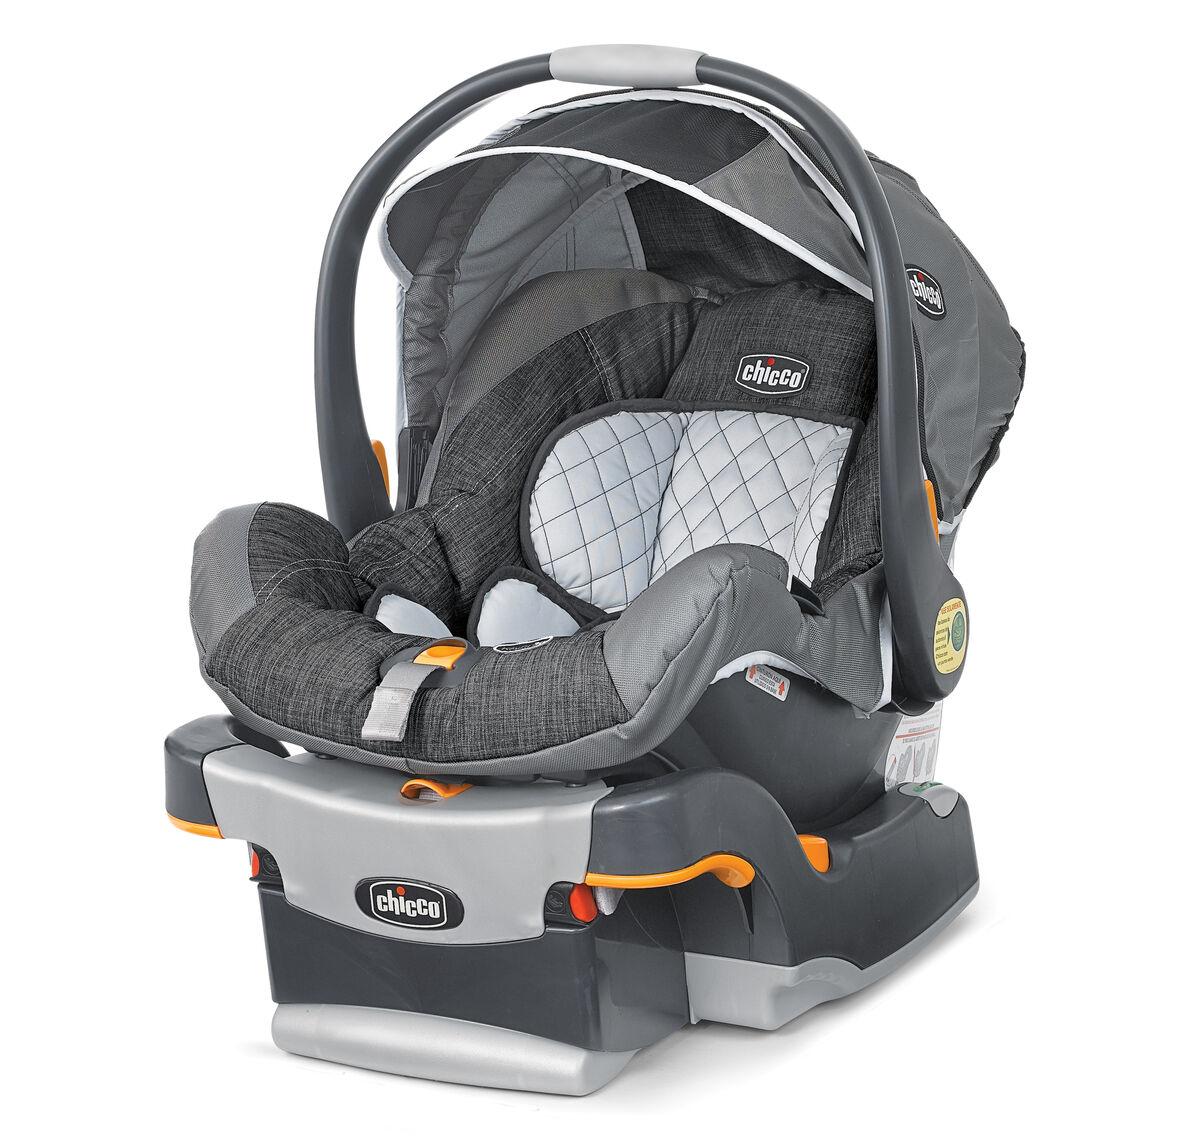 Keyfit 30 infant car seat and base legendkeyfit 30 infant car seat and base legend